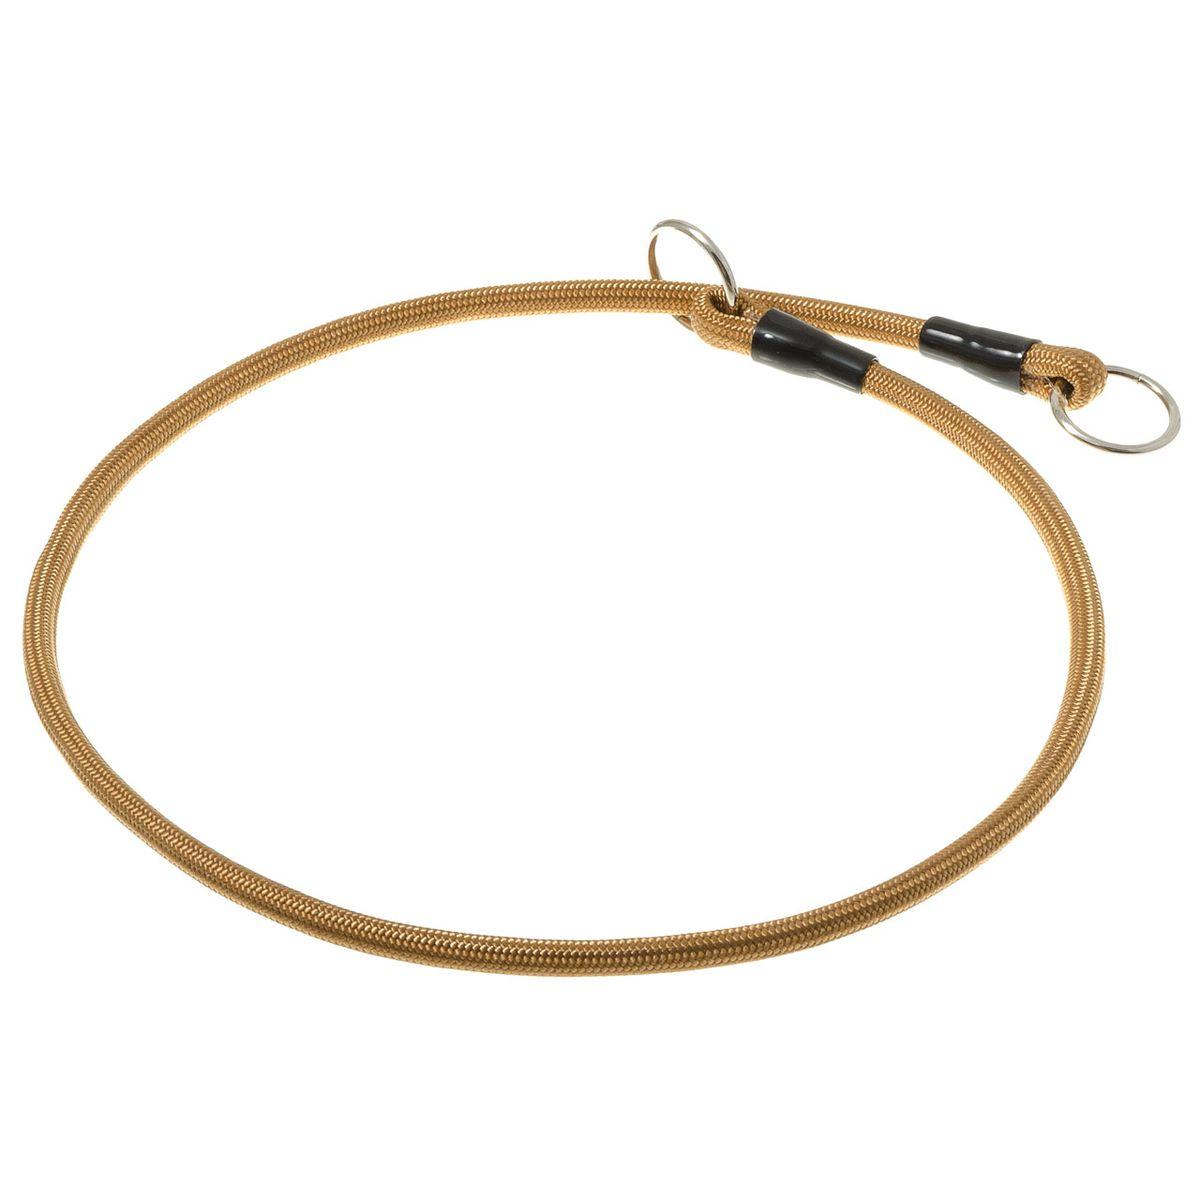 Ошейник-удавка с 2-я кольцами круглый 6мм*60см (золото)76-2237